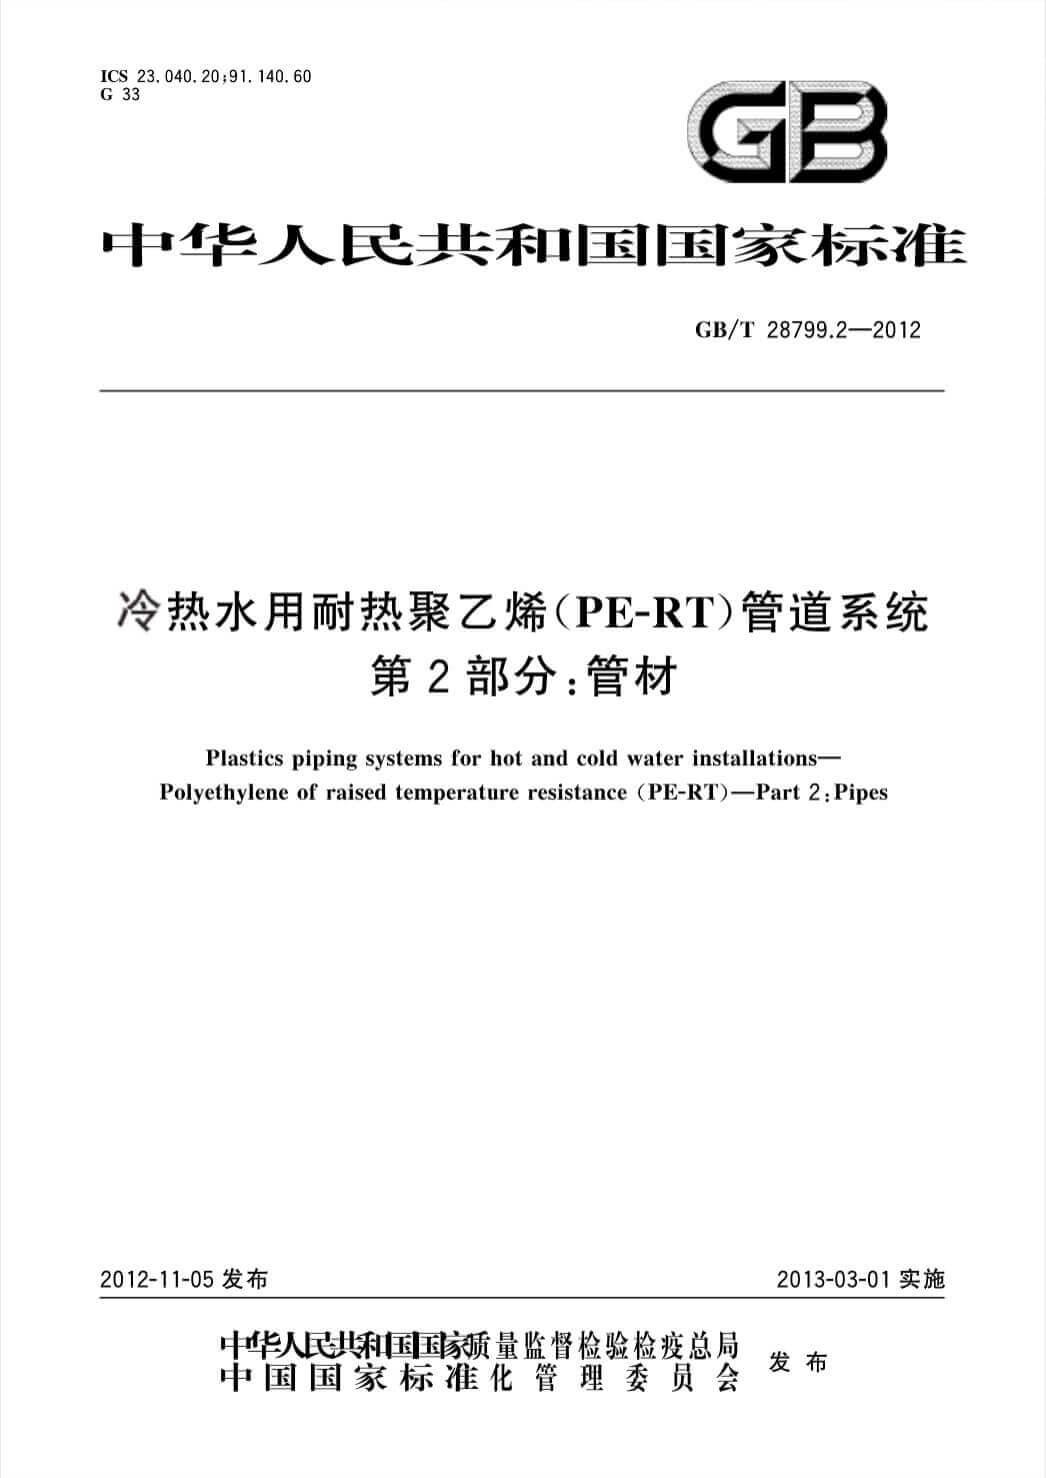 GB/T28799.2-2012冷热水用耐热聚乙烯(PE-RT)管道系统 第2部分:管材